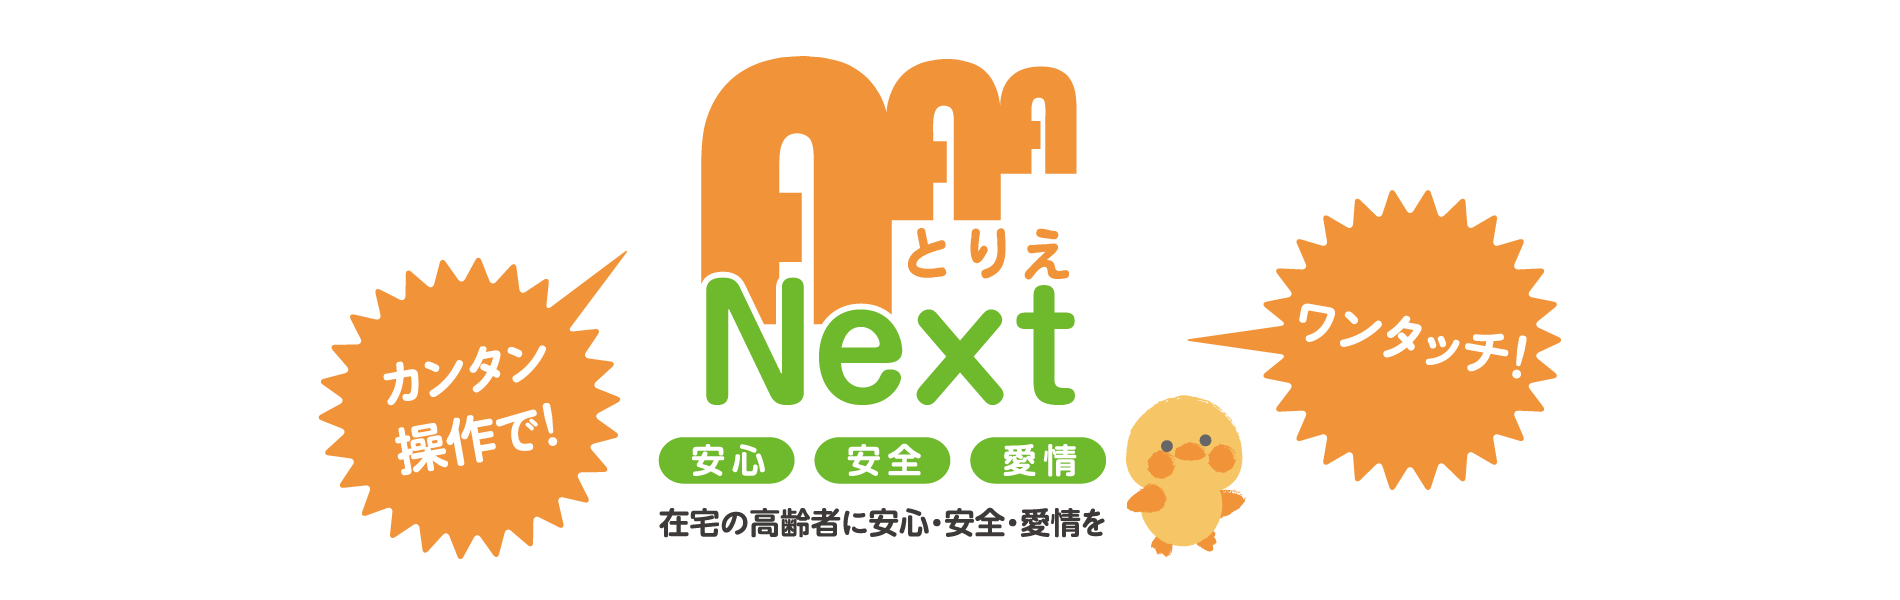 とりえ -AAA- Next